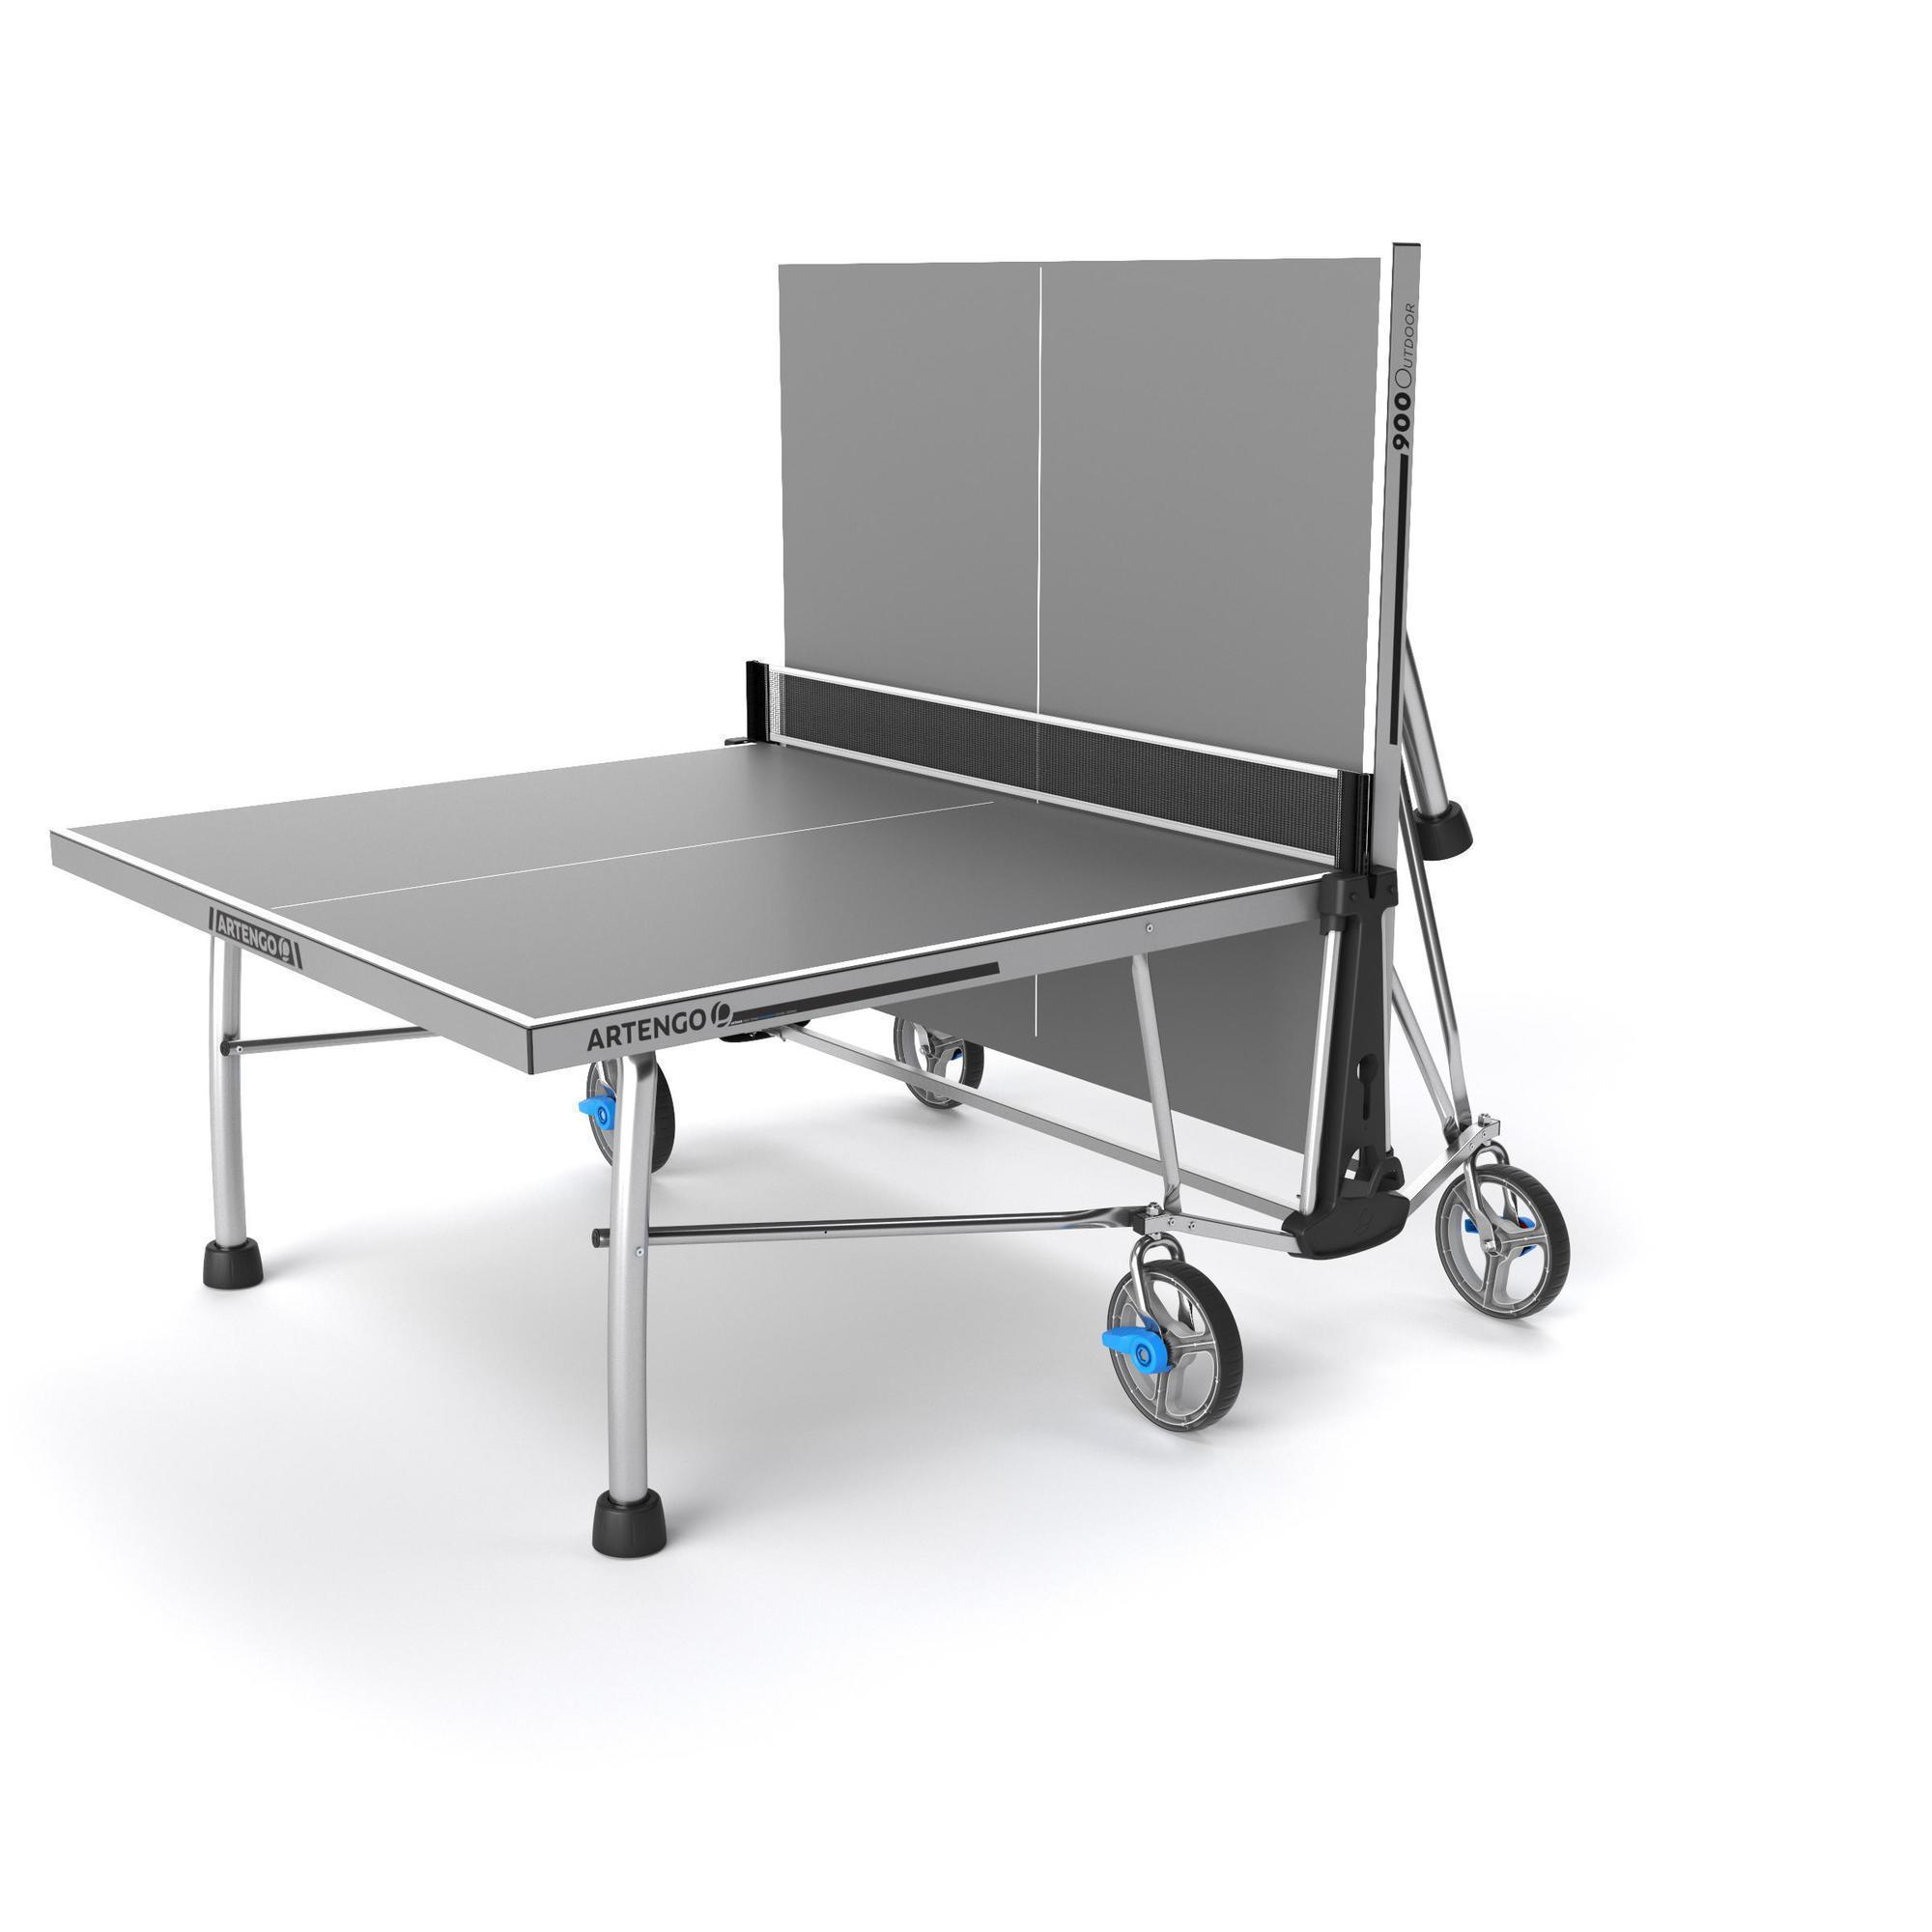 Table de ping pong artengo ft 860 outddor artengo - Tavolo ping pong artengo ...